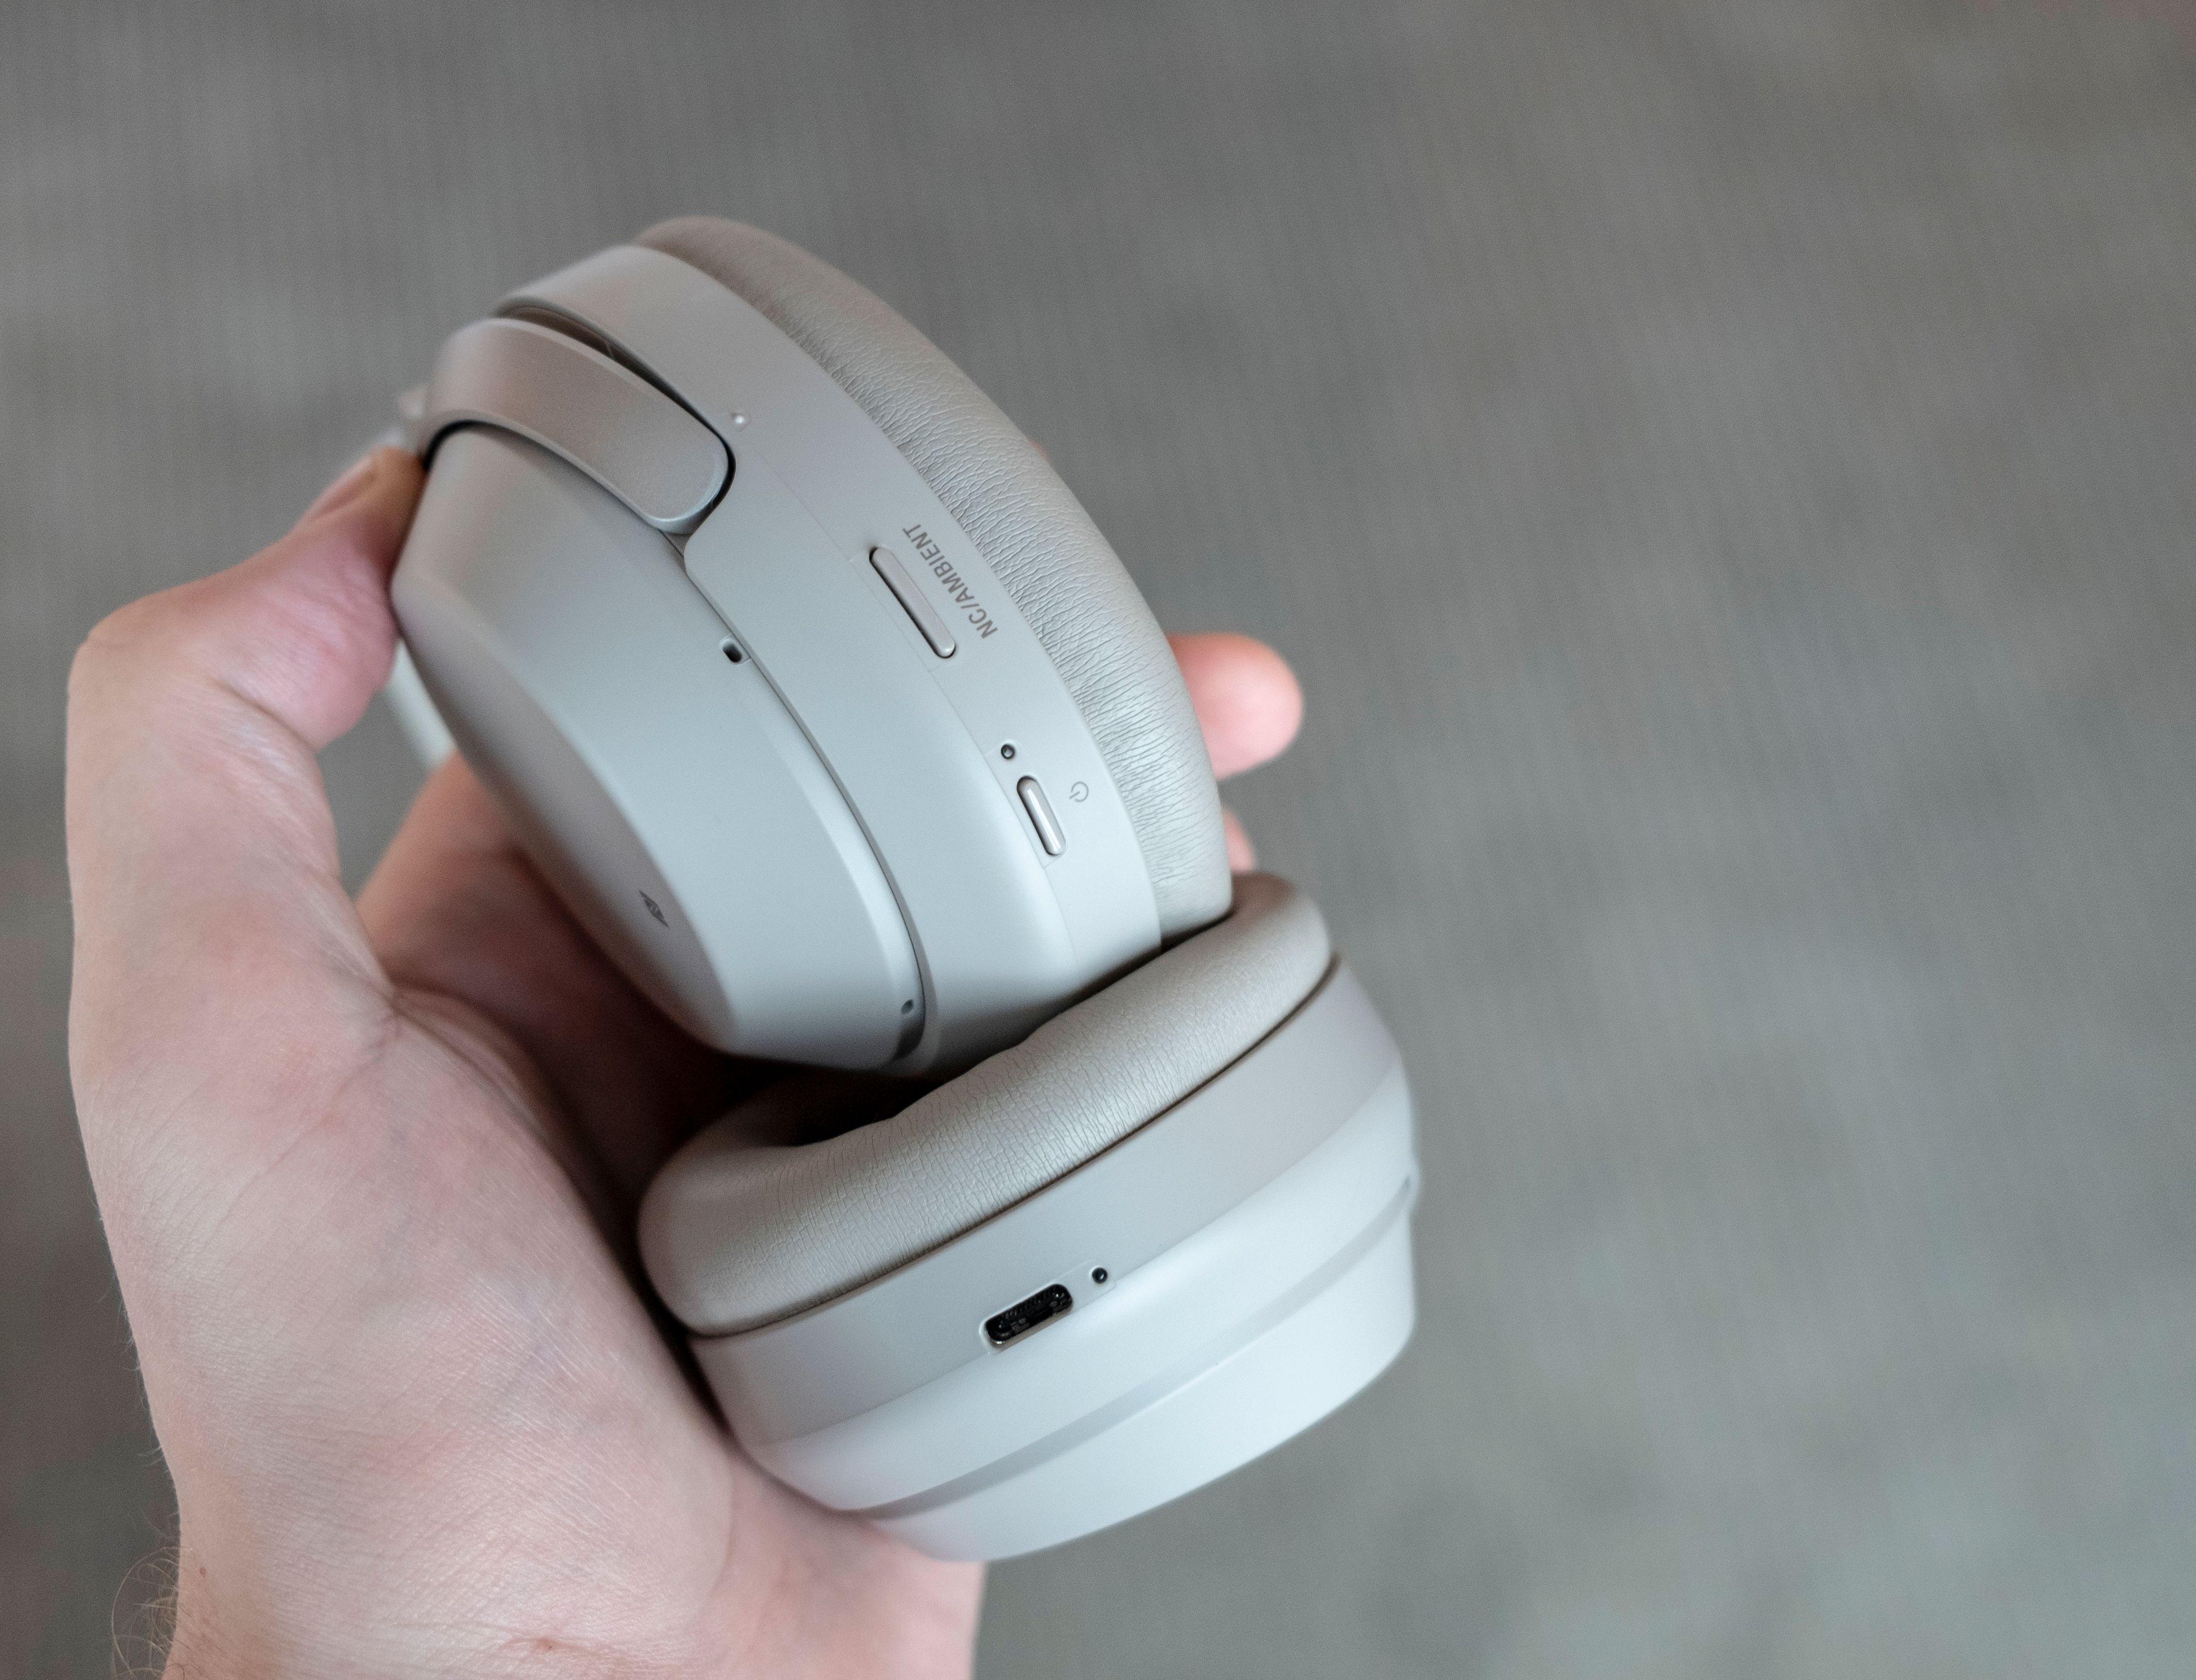 Knappene som lå helt inntil klokkene er byttet ut med utstikkende varianter som er mye enklere å trykke på. USB-C med hurtigladefunksjon er også en kjærkommen forbedring.